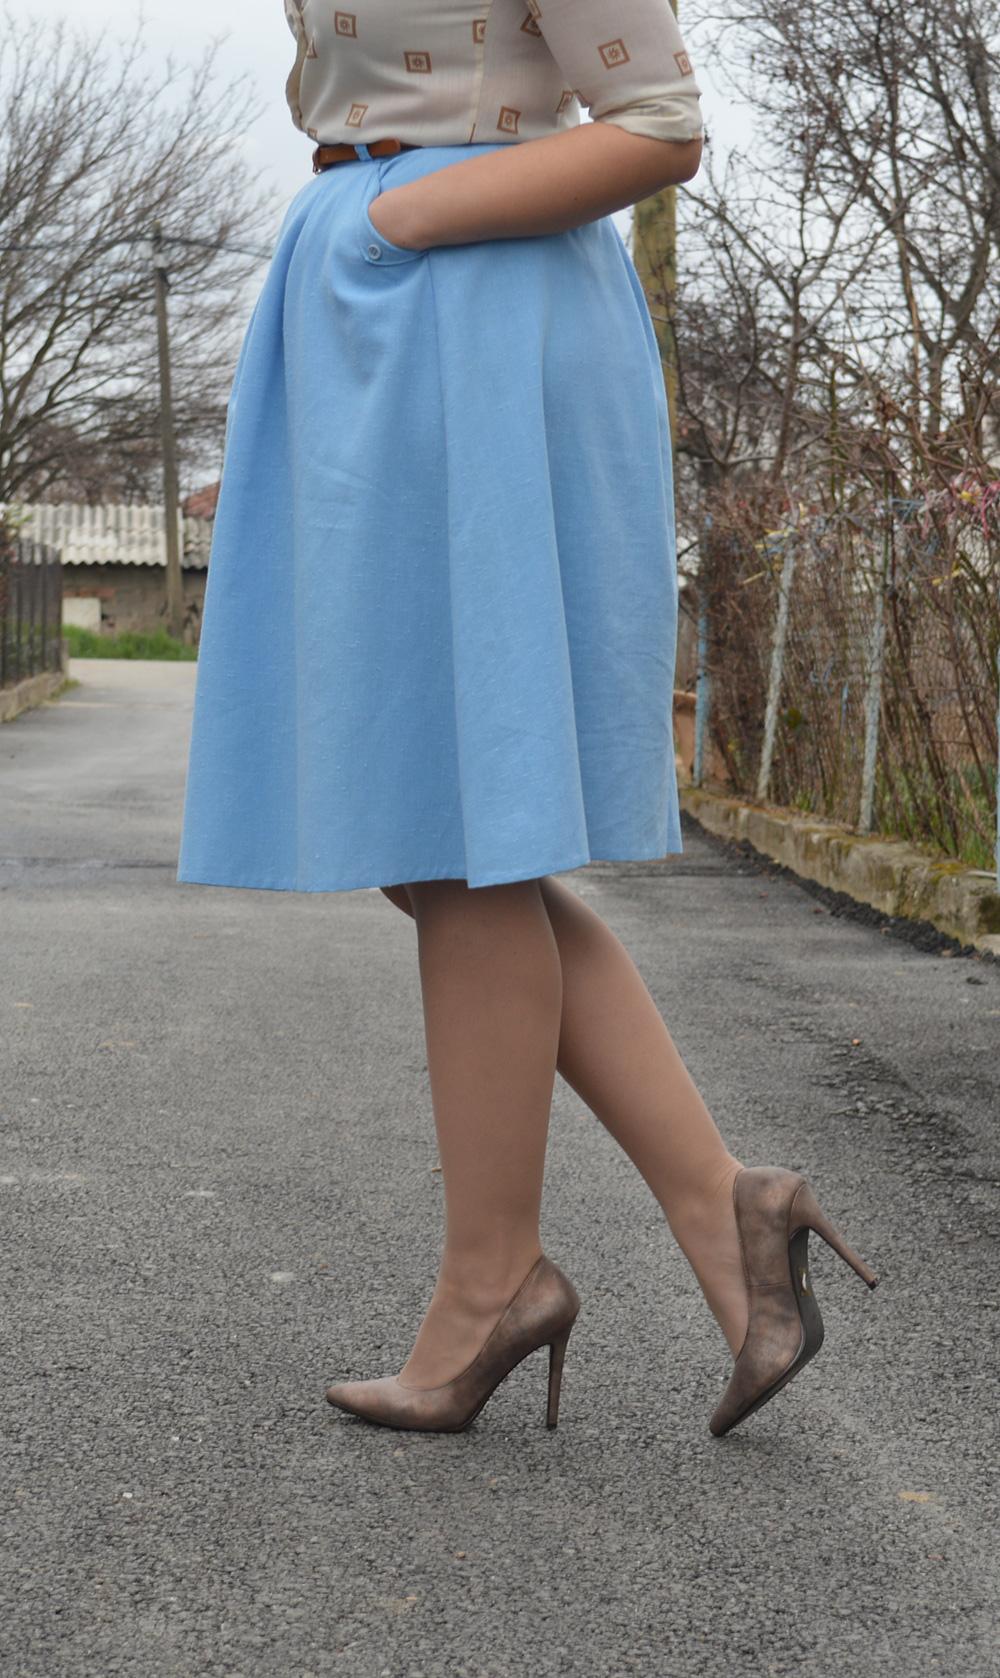 baby blue vintage skirt vintage blouse half pointed stilletos Bershka belt